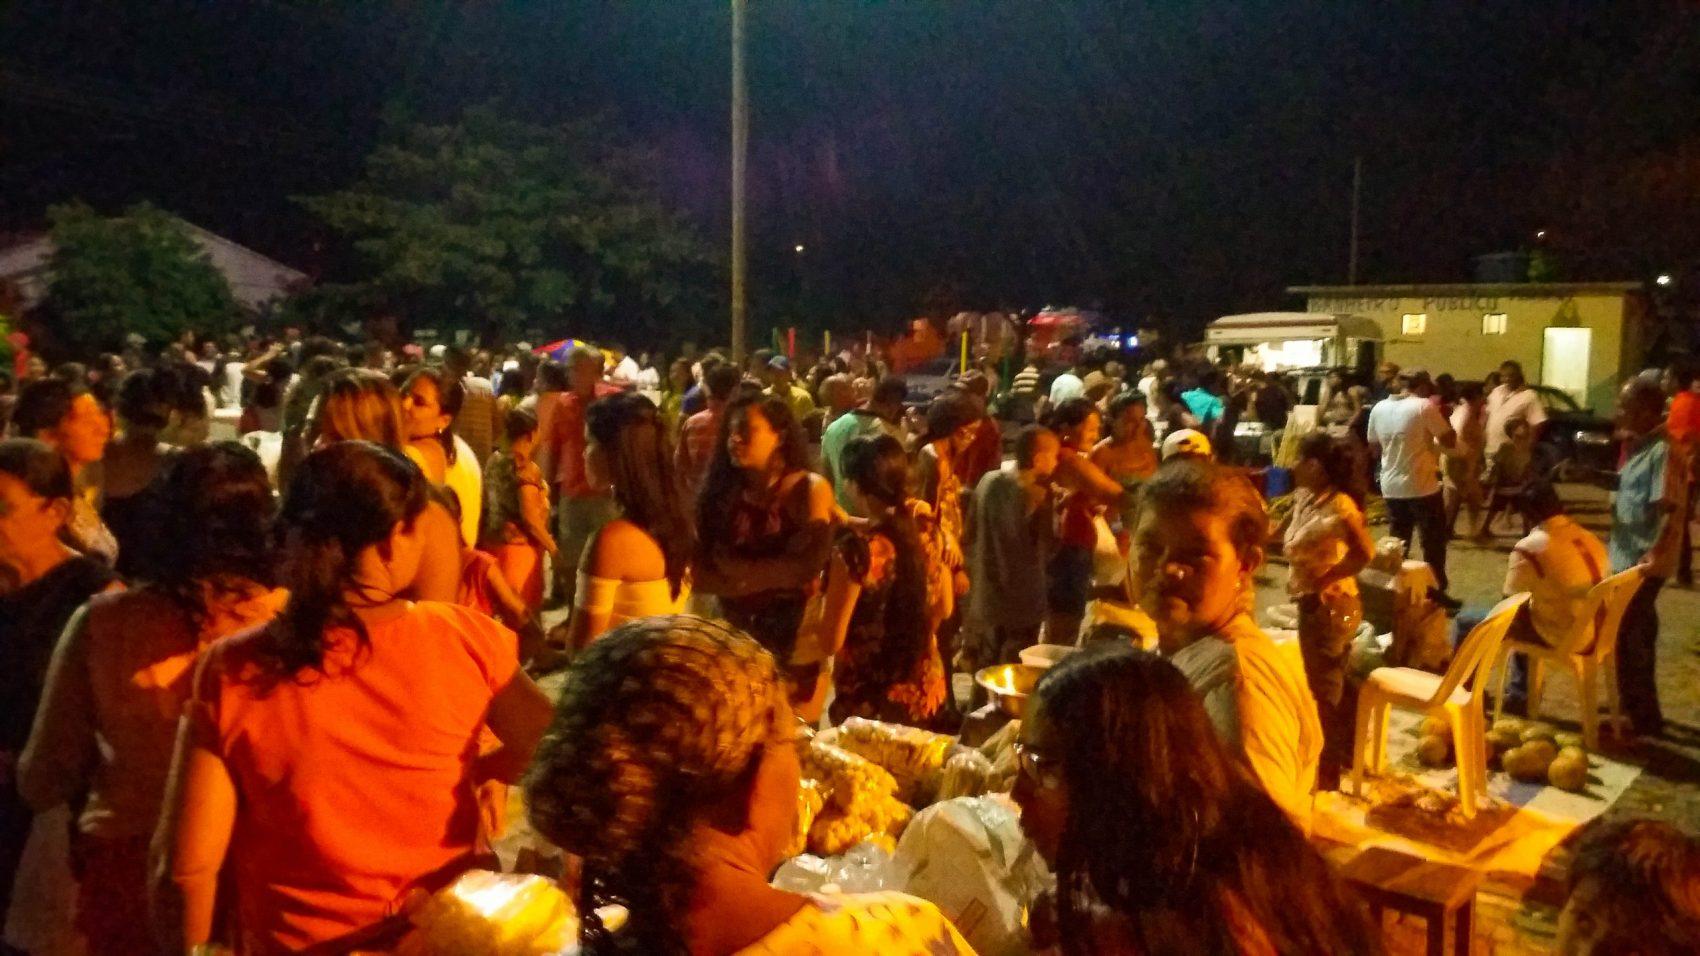 A feira de São Manoel, distrito de Correntina, antes da suspensão: venda de produção rural e local de lazer (Foto: Gisele Magalhães/Arquivo Pessoal)